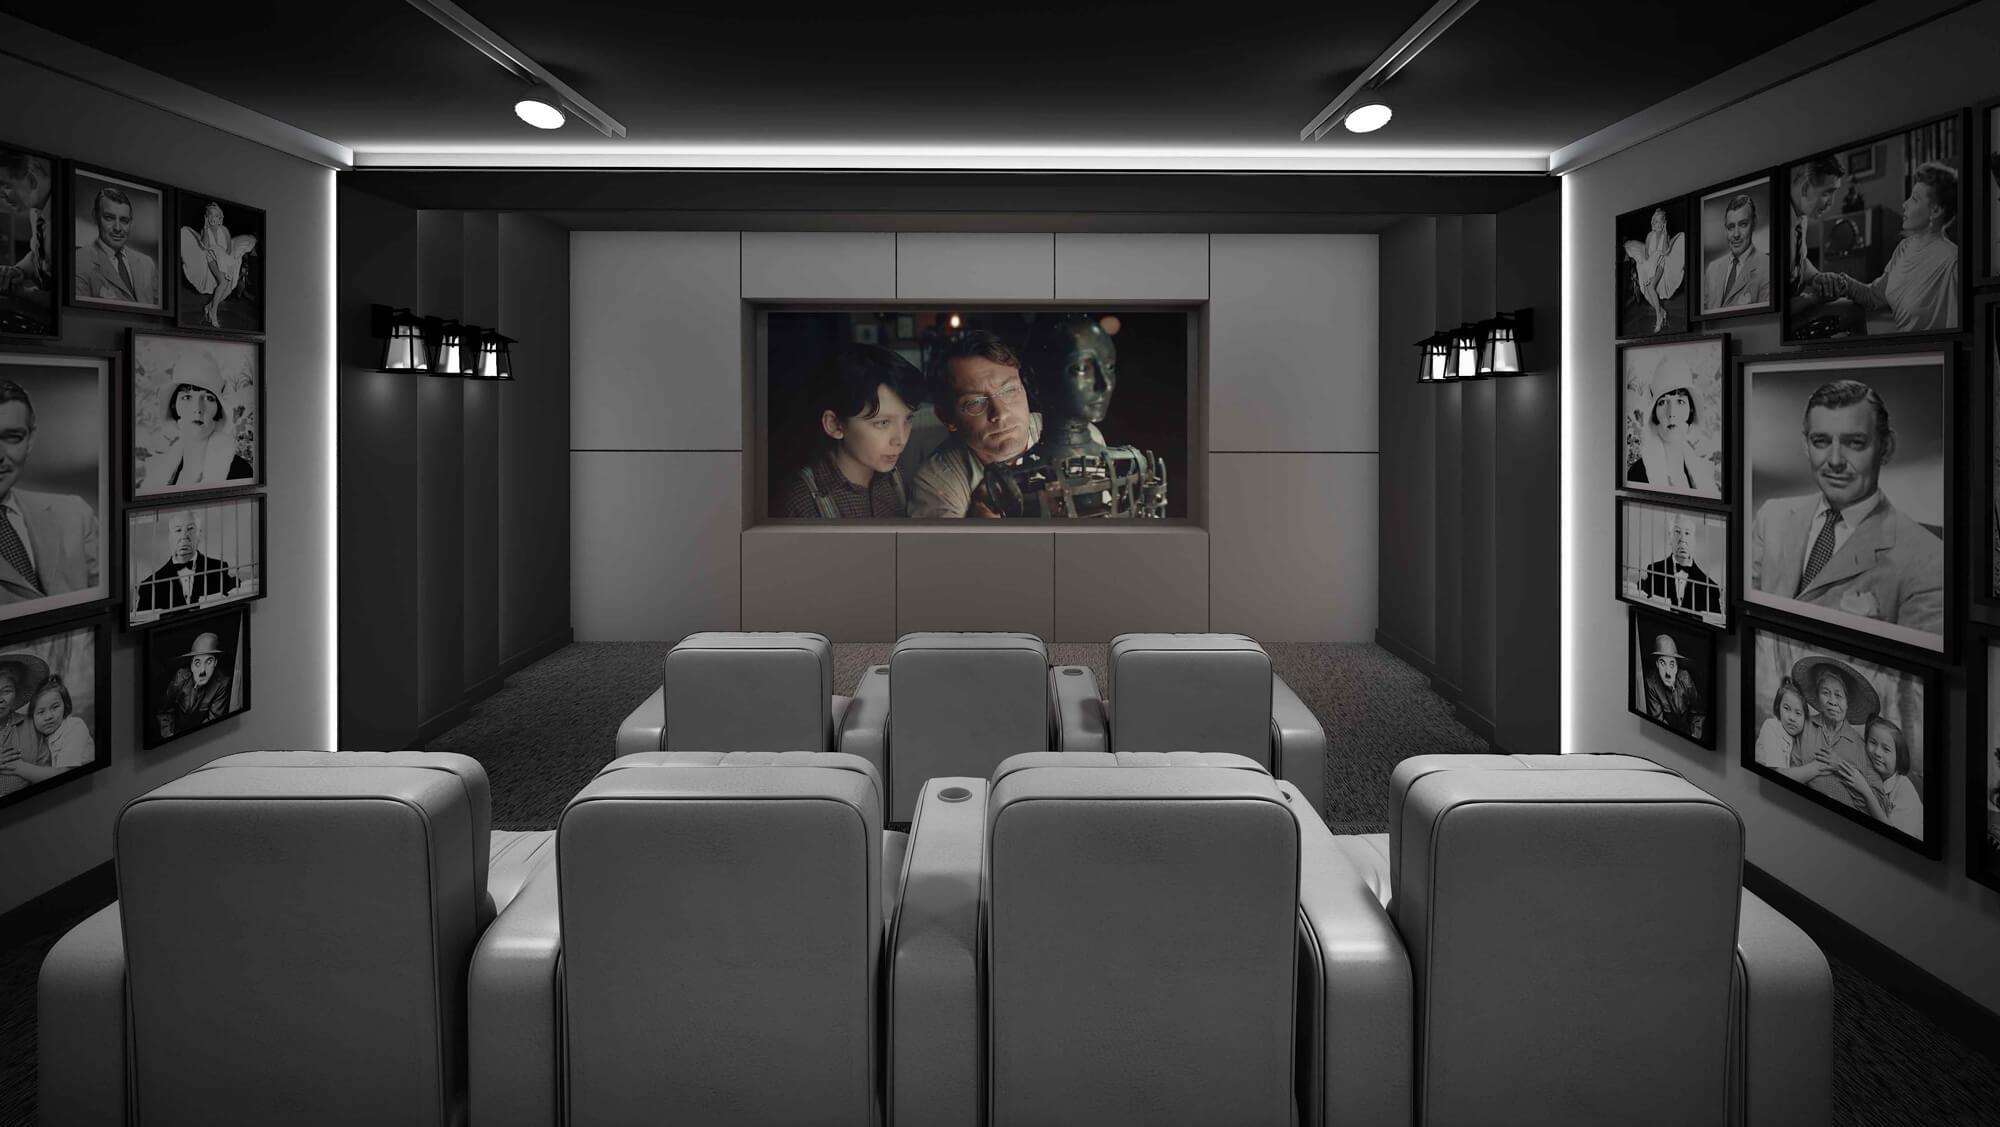 طرح اتاق سینمای خانگی